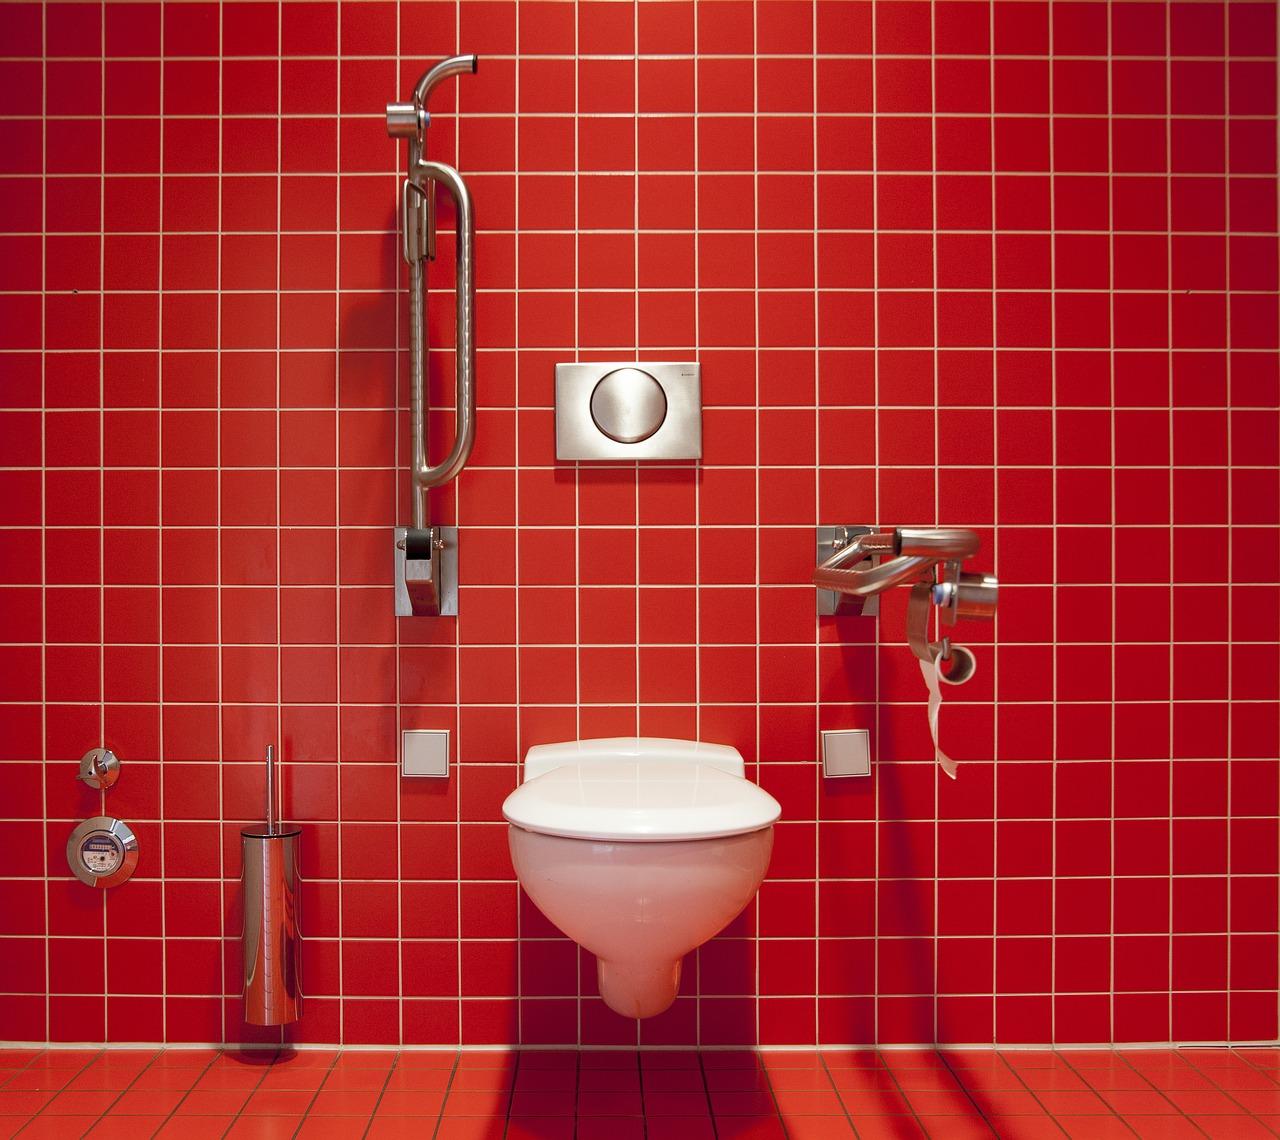 海外旅行トイレまとめ。おなかゆるいけど困りませんでした。